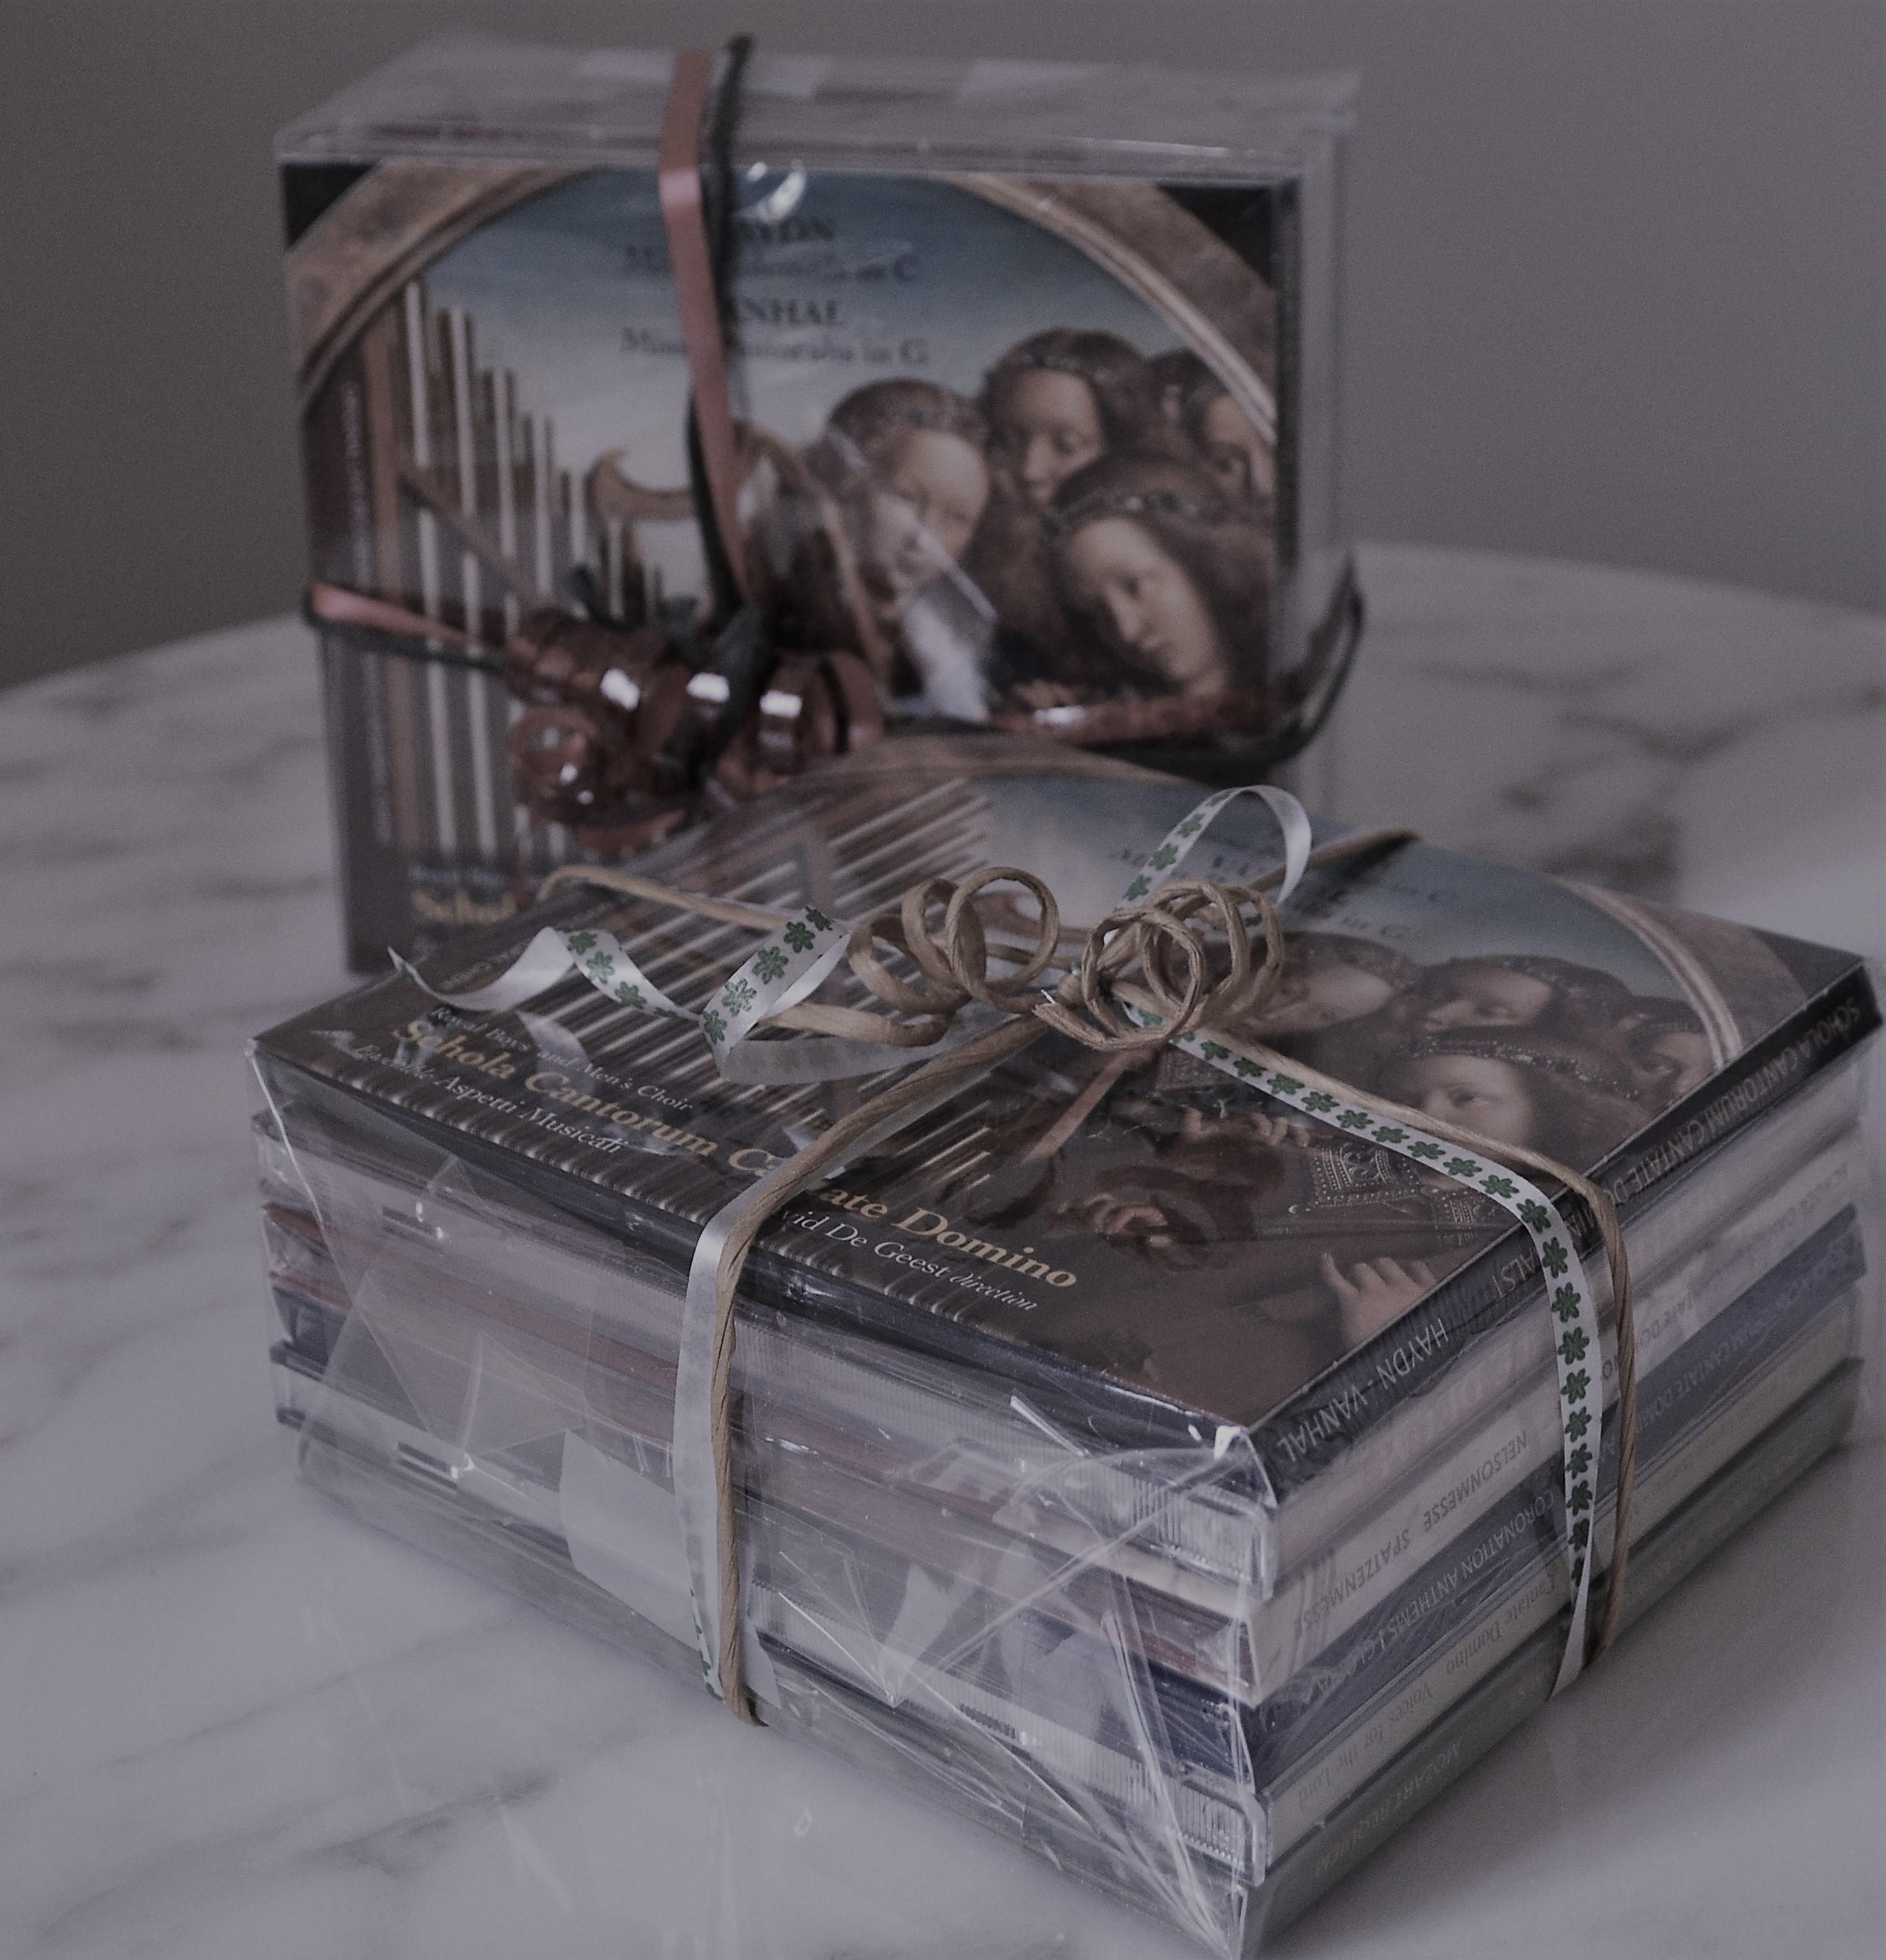 Verzameling van 6 CD's